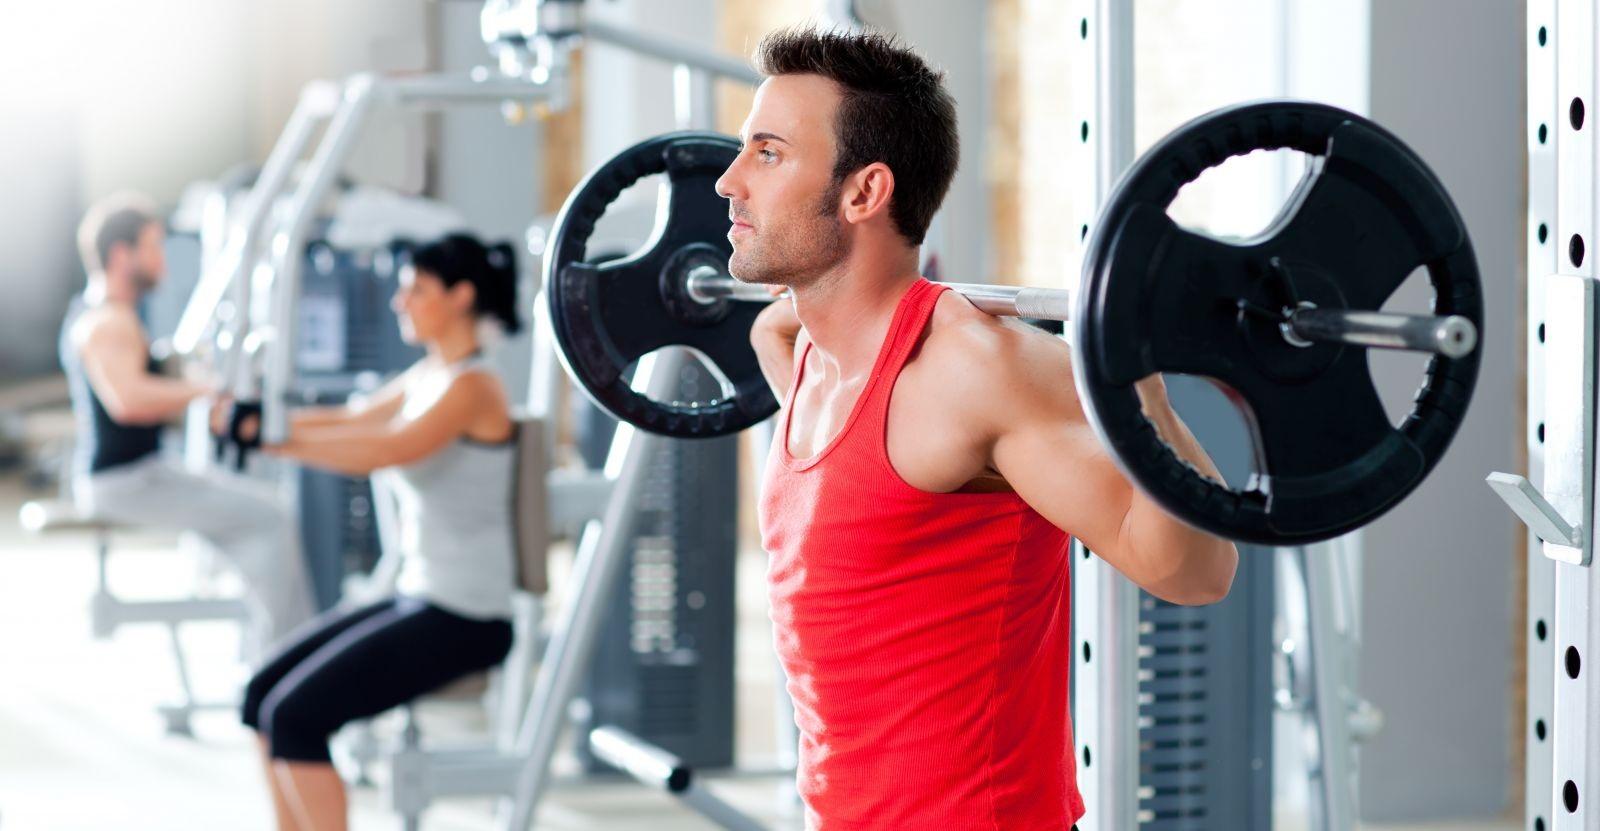 Việc tập luyện cũng giúp cải thiện cân nặng cho bạn